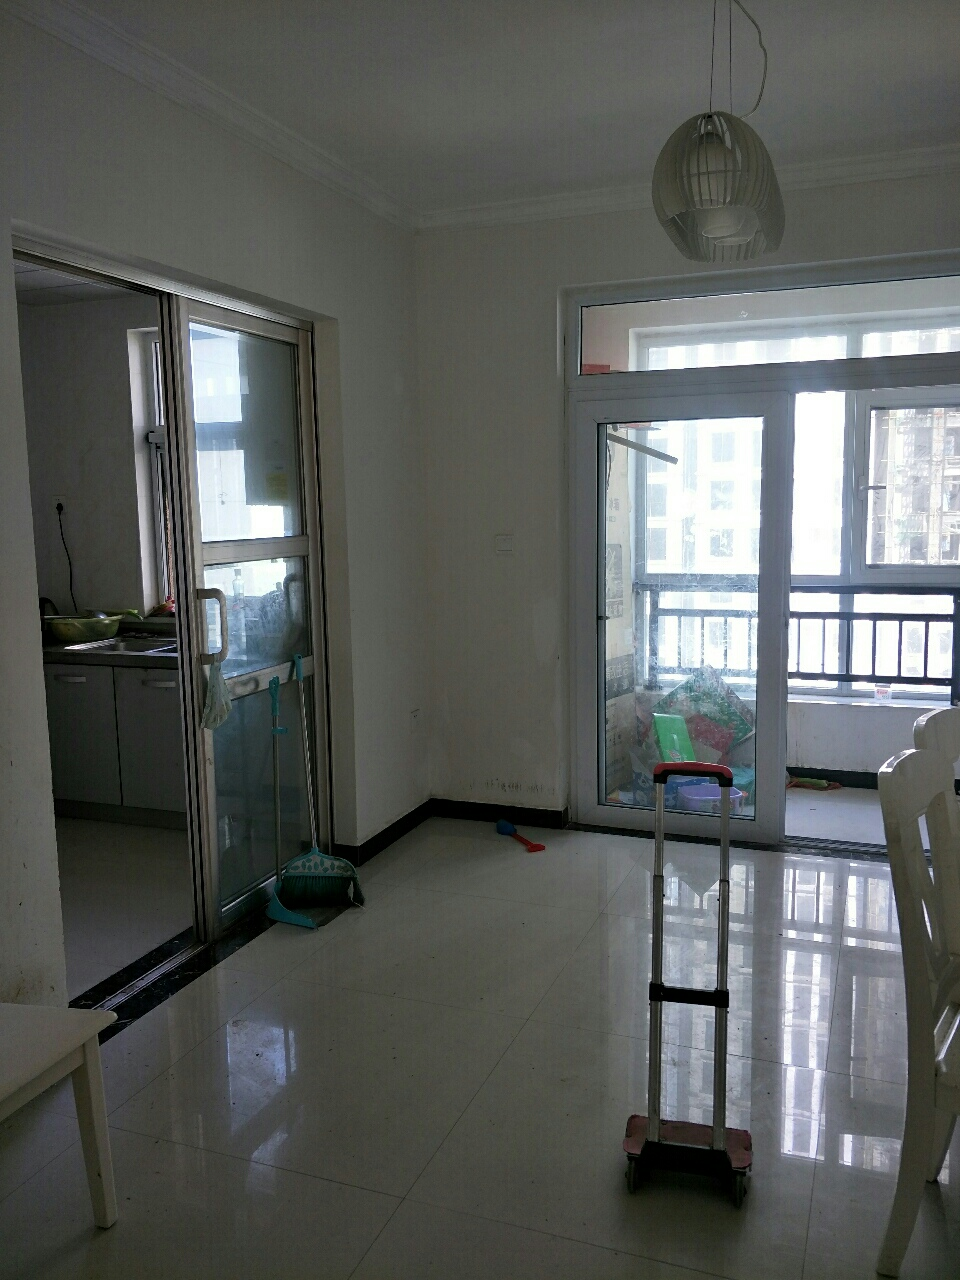 建业一号城邦花园式电梯洋房3室2厅2卫采光好